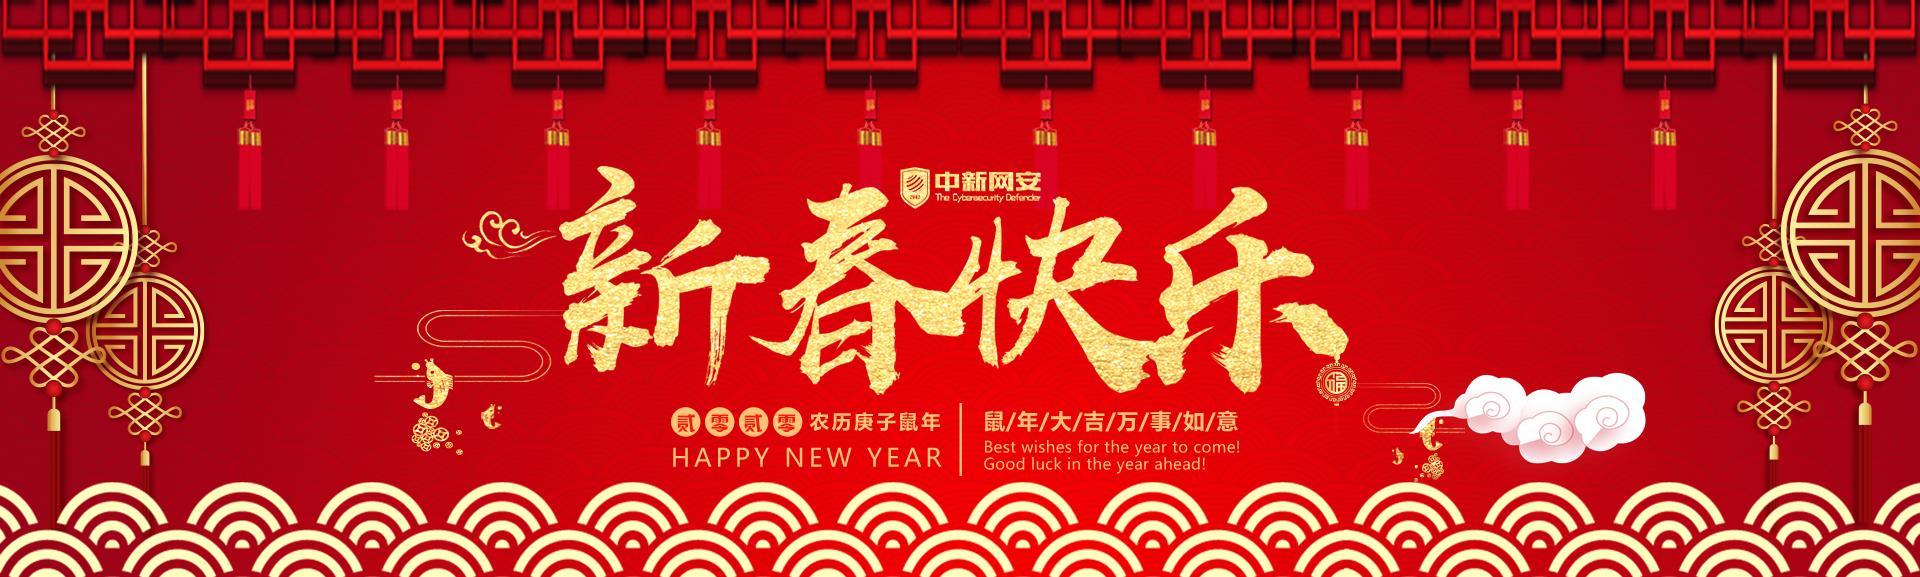 钱柜777老虎机游戏祝您2020新春高兴